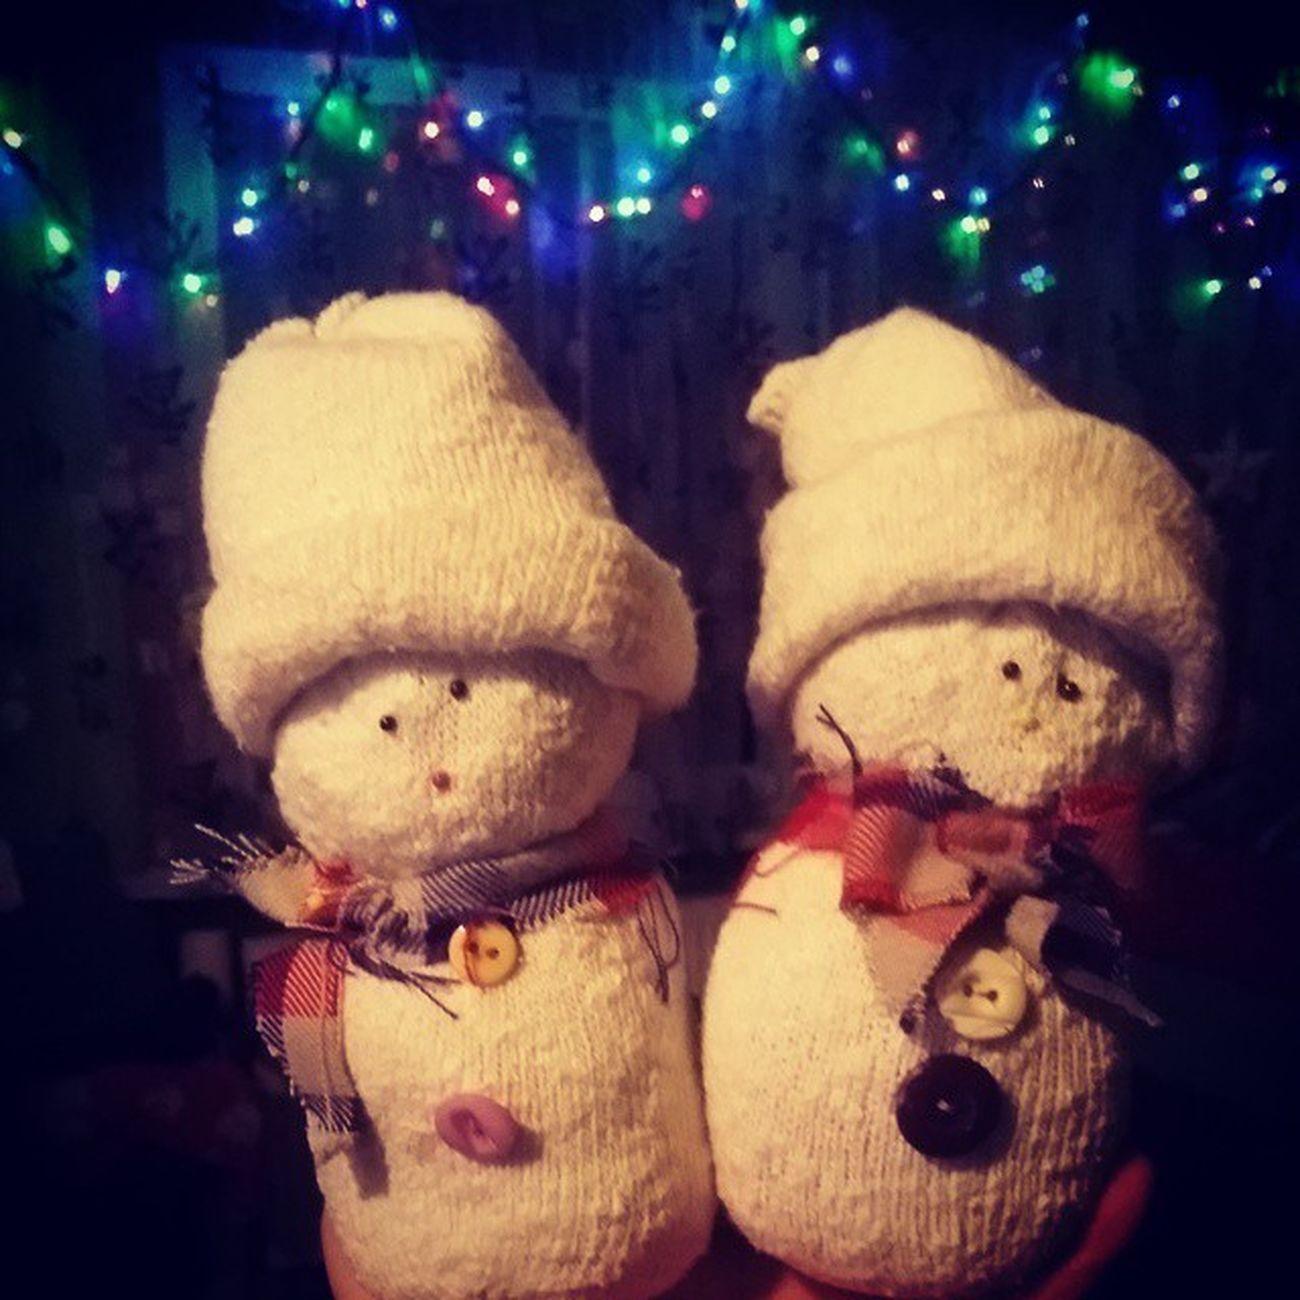 Bałwankowe Pozdrowienia Christmas Decoration Zakochana Misiem Maz Kocham Wspólne 3 Lata Wariacie Kiss Love Instagood Me TBT  Cute Follow Followme